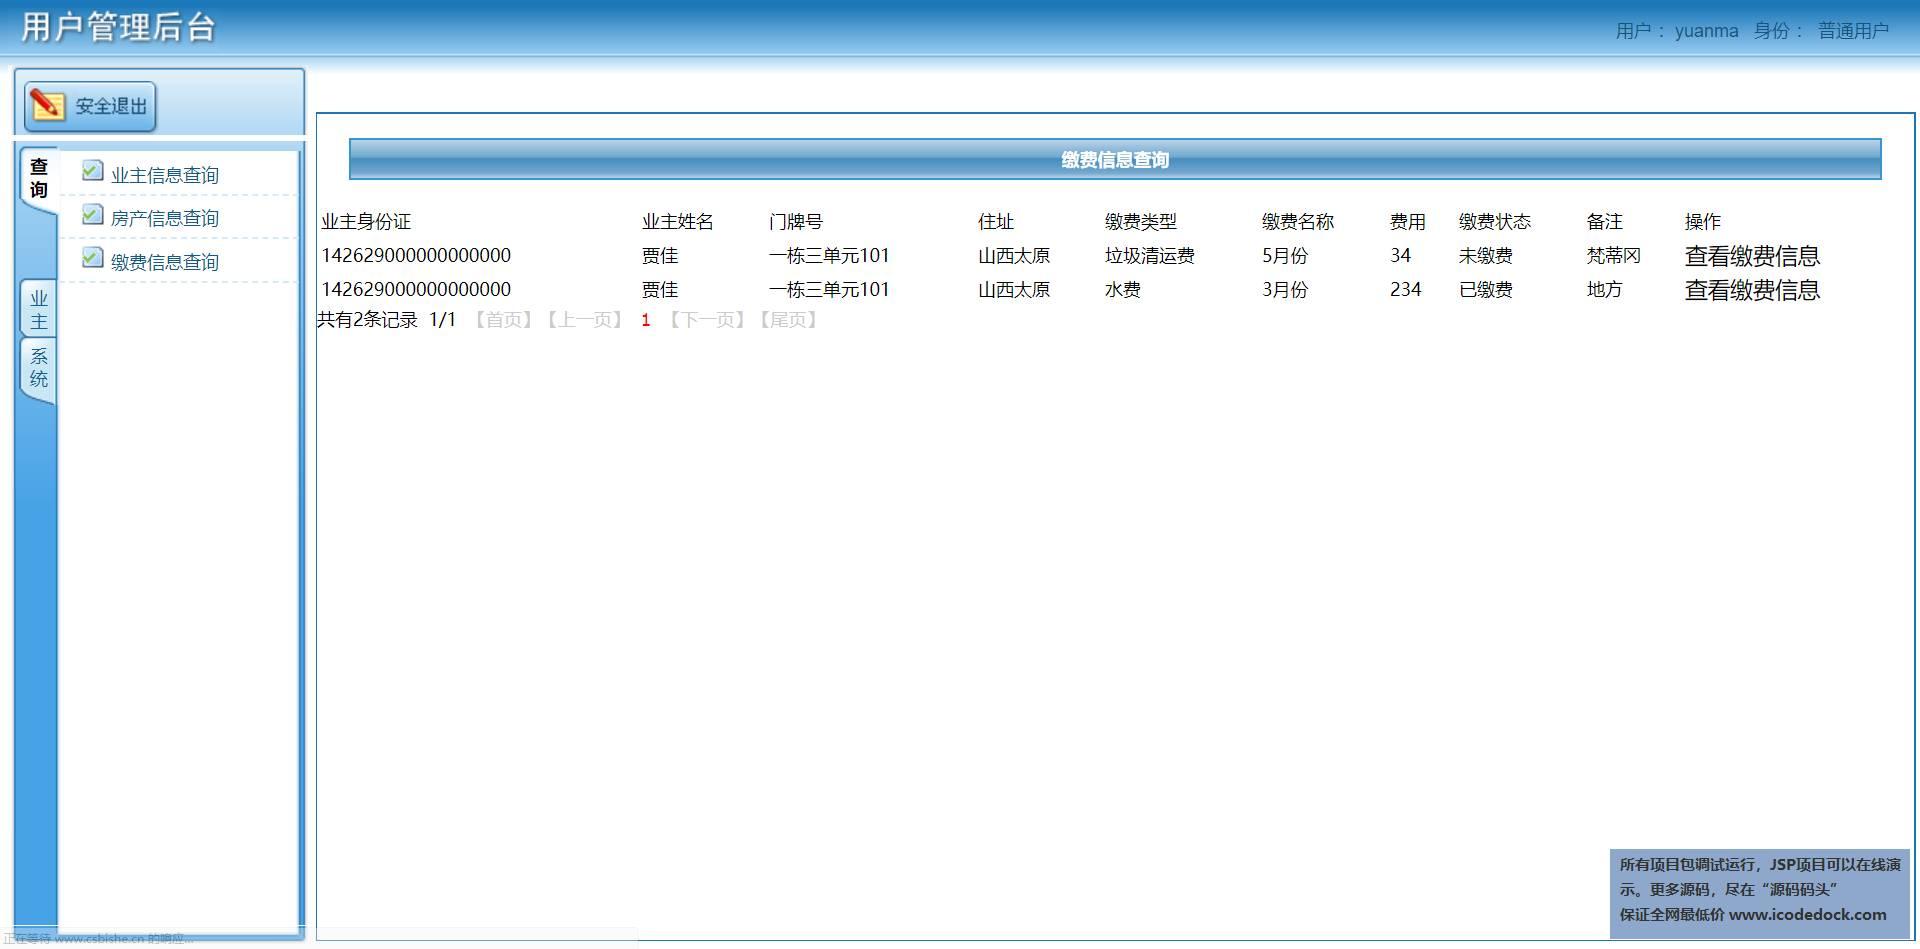 源码码头-SSH物业管理系统-用户角色-缴费信息查询